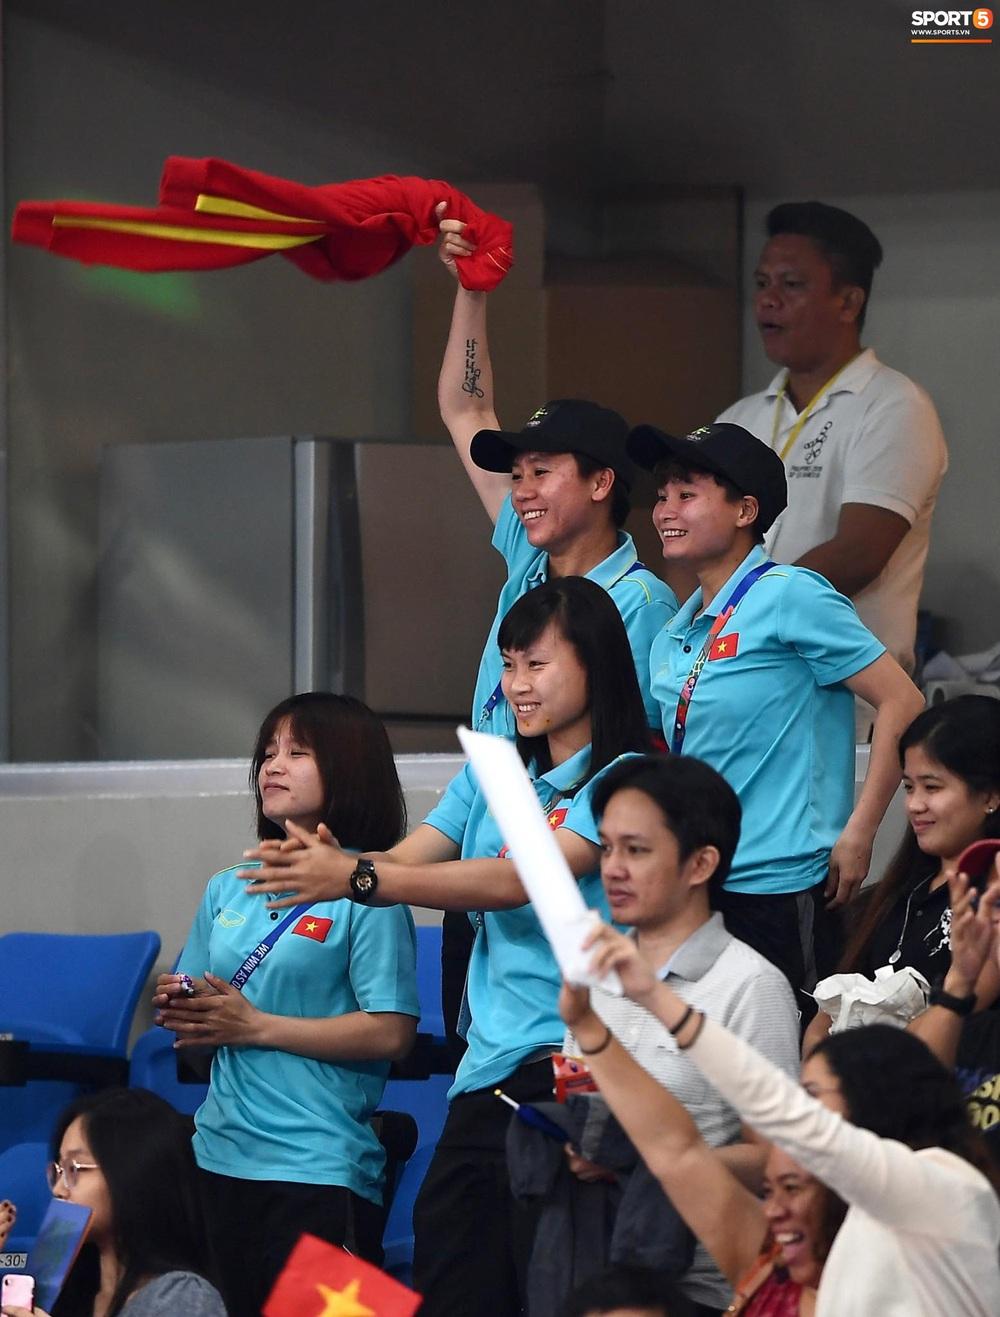 Cầu thủ nữ Việt Nam ra sân cổ vũ đội tuyển bóng chuyền trong trận chung kết với Thái Lan tại SEA Games 30 - Ảnh 5.